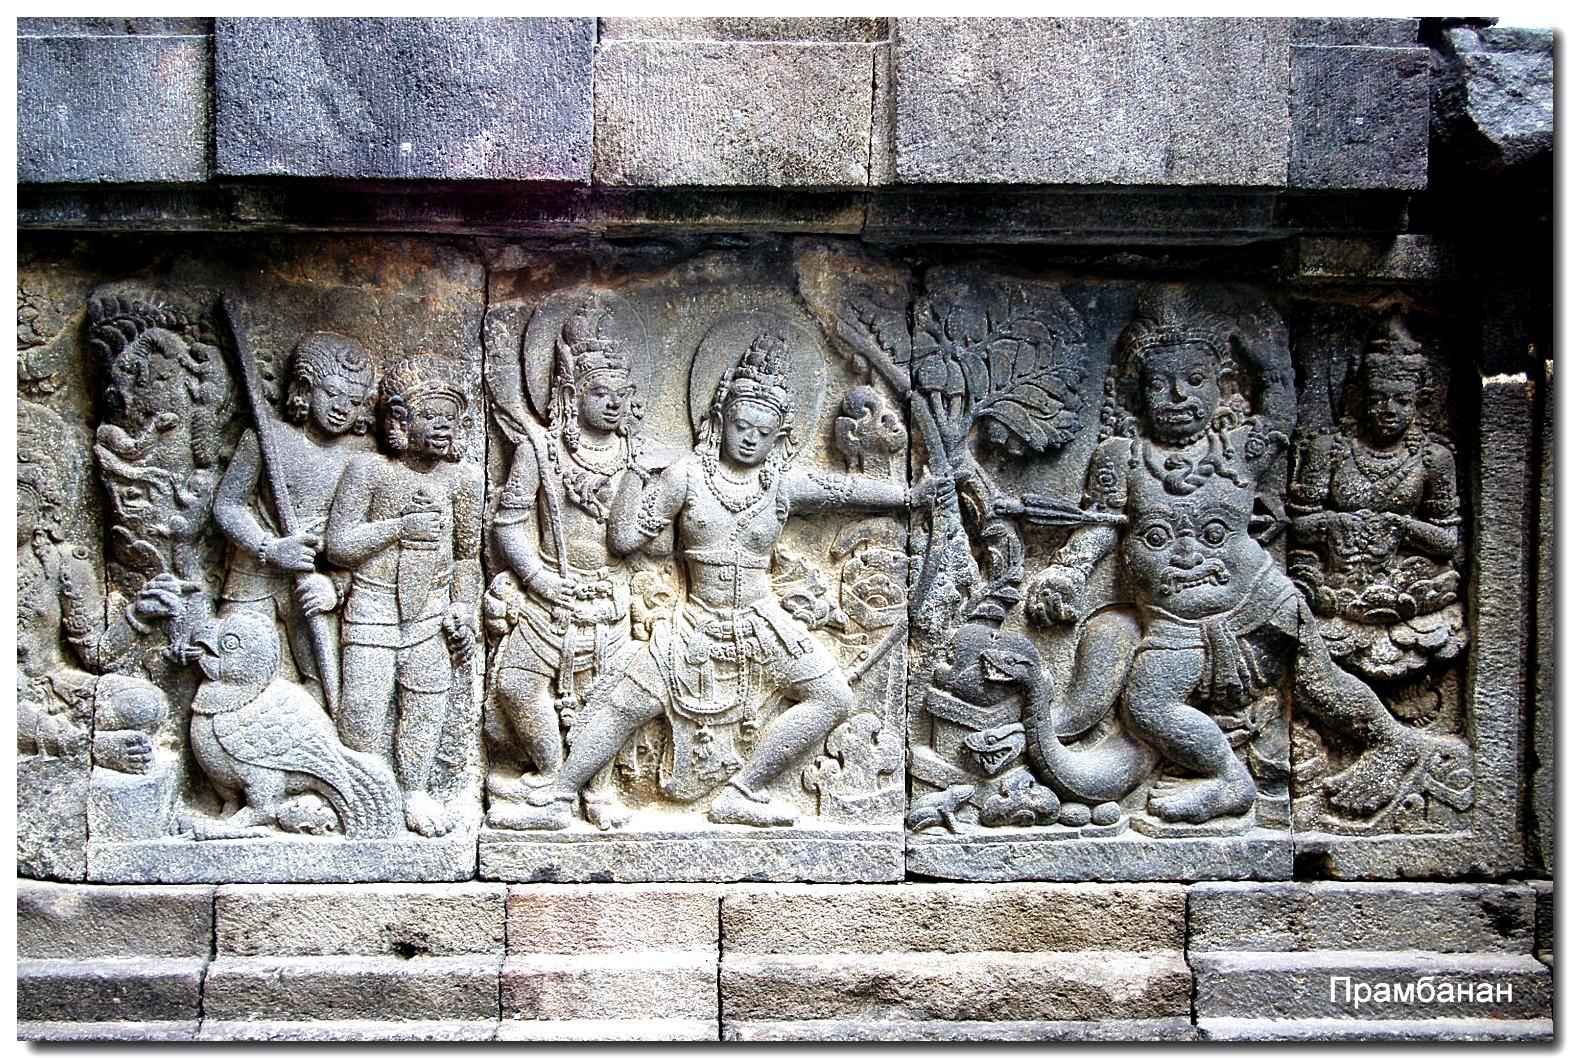 настенная скульптура прамбанана